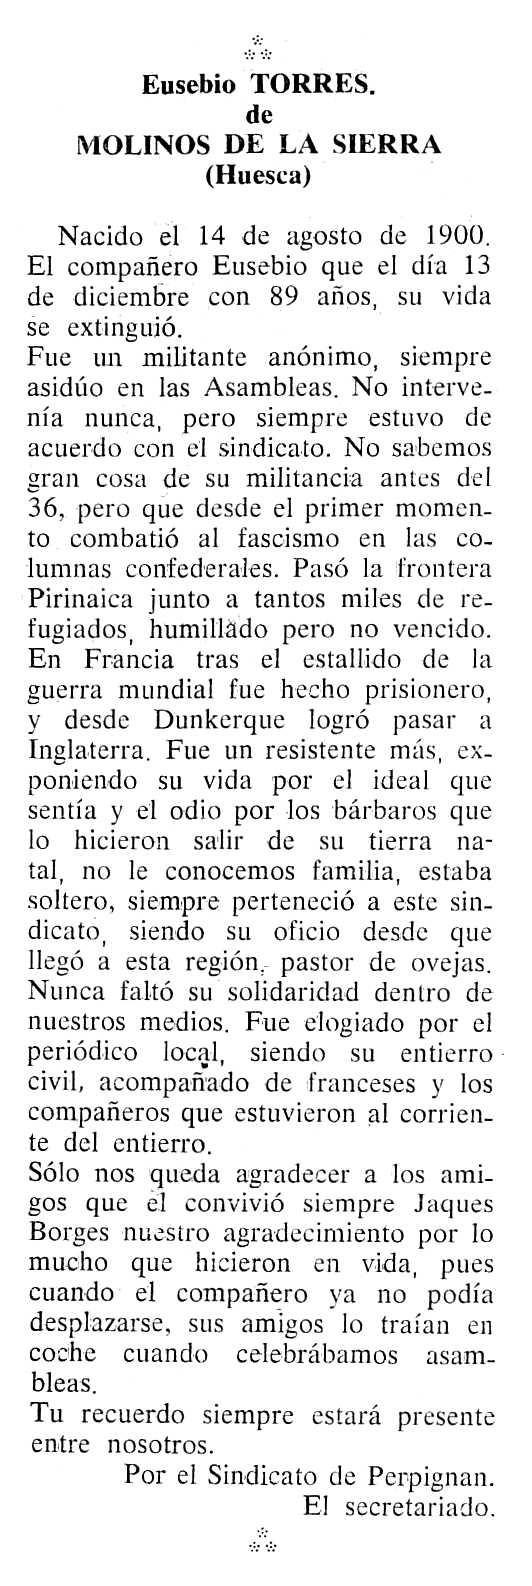 """Necrològica d'Eusebio Torres Masegoso apareguda en el periòdic tolosà """"Cenit"""" del 27 de març de 1990"""